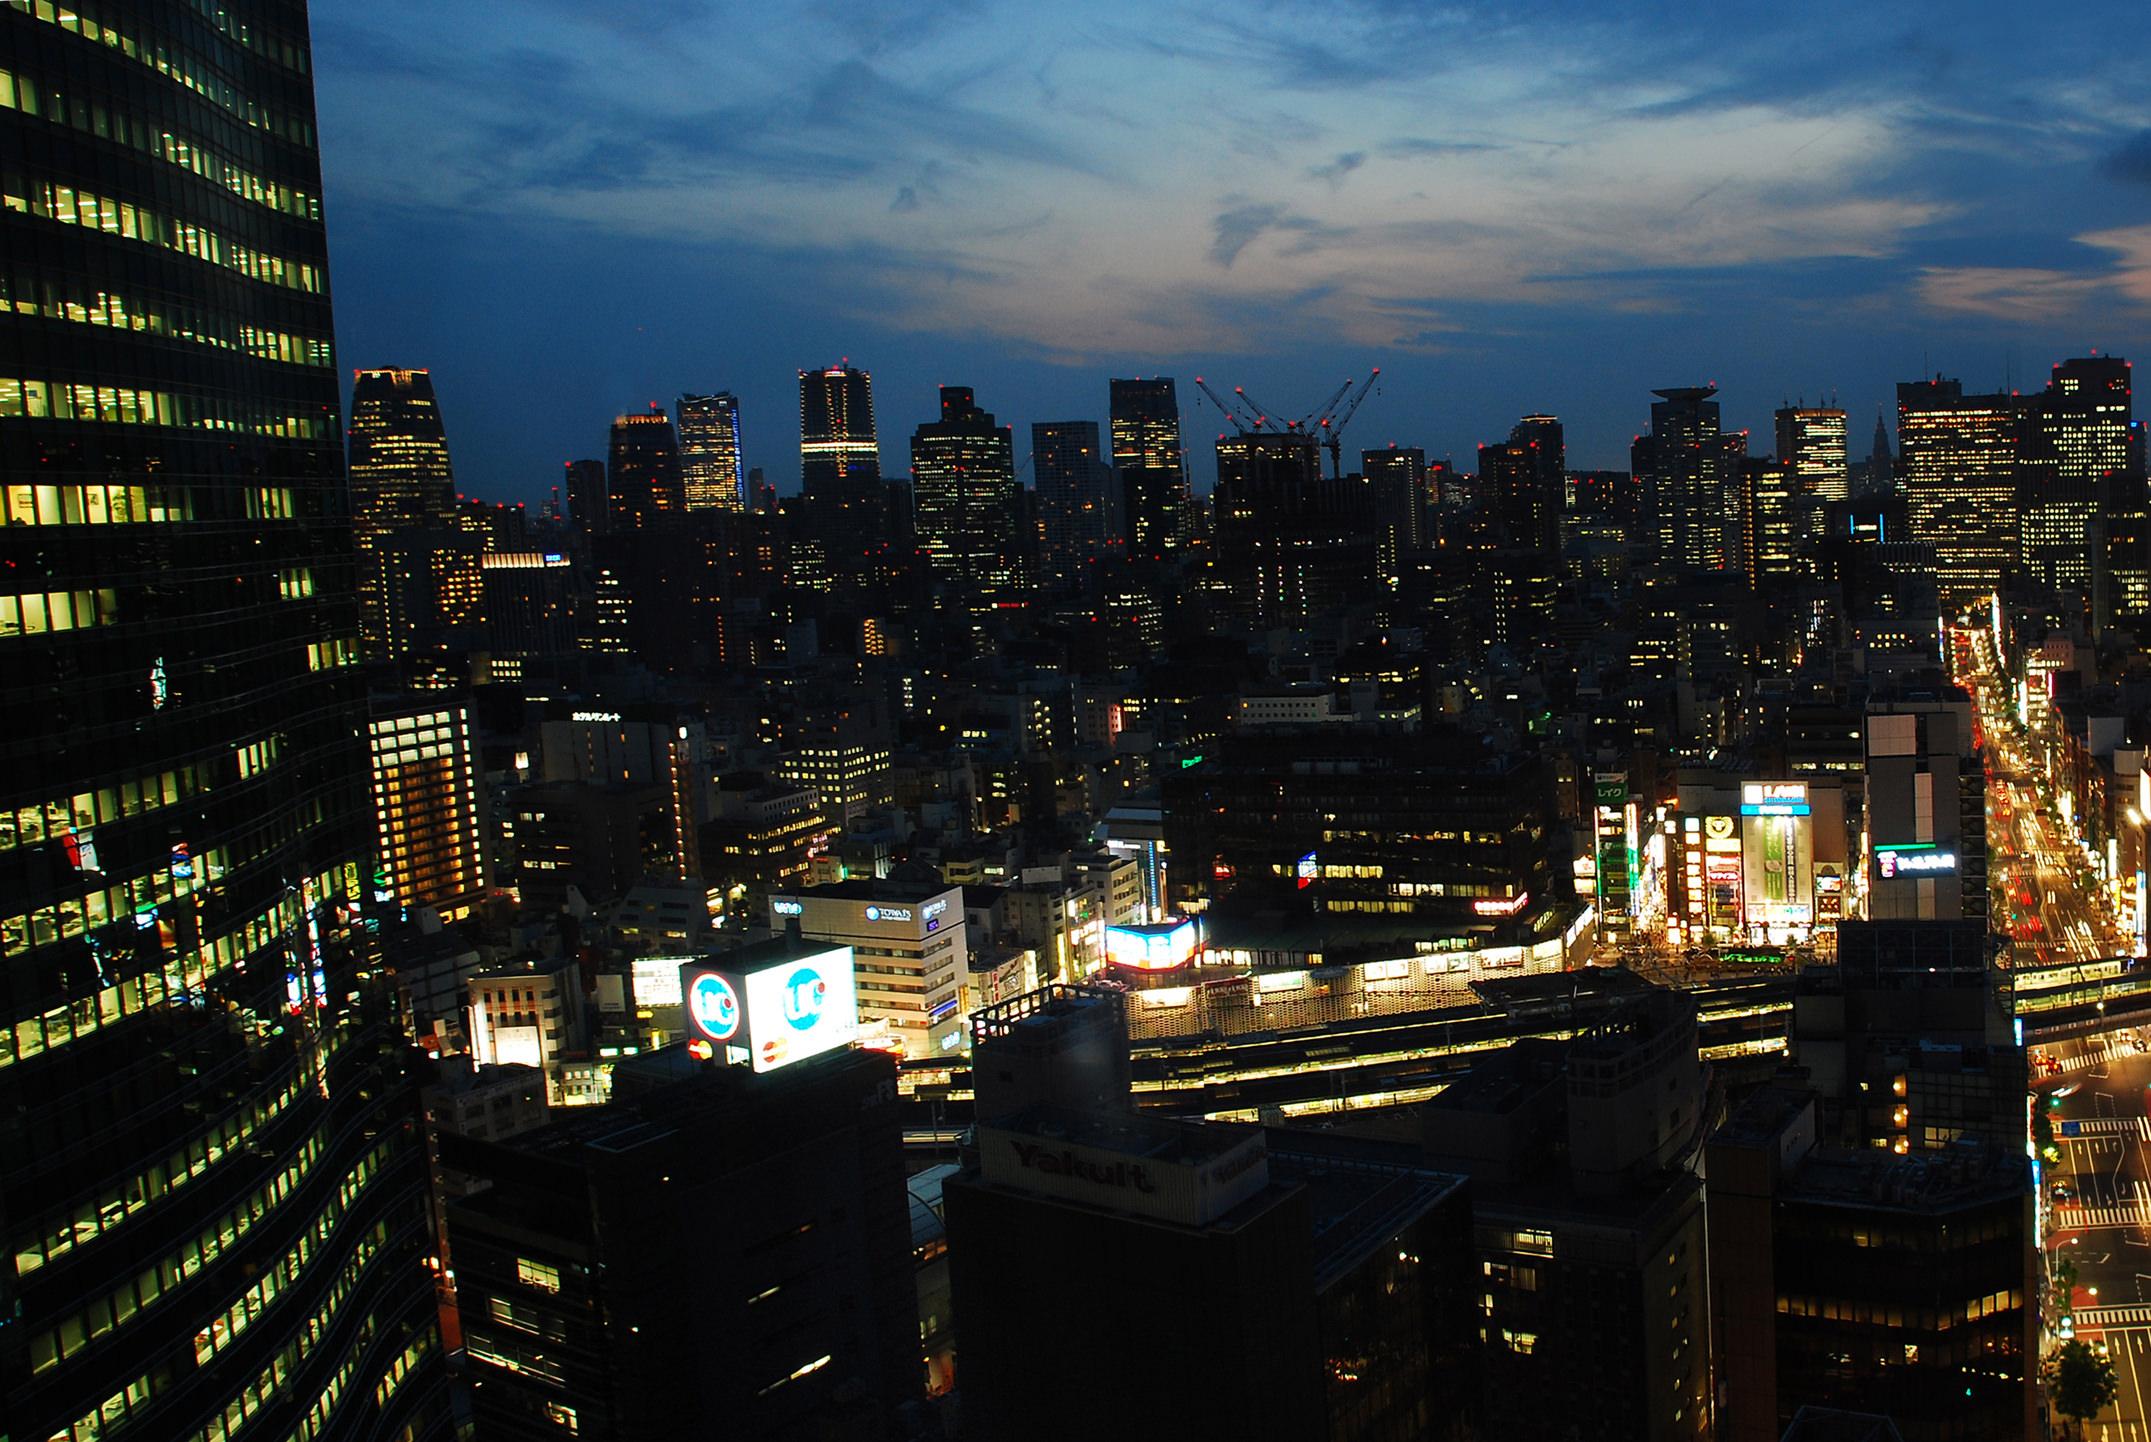 night view02